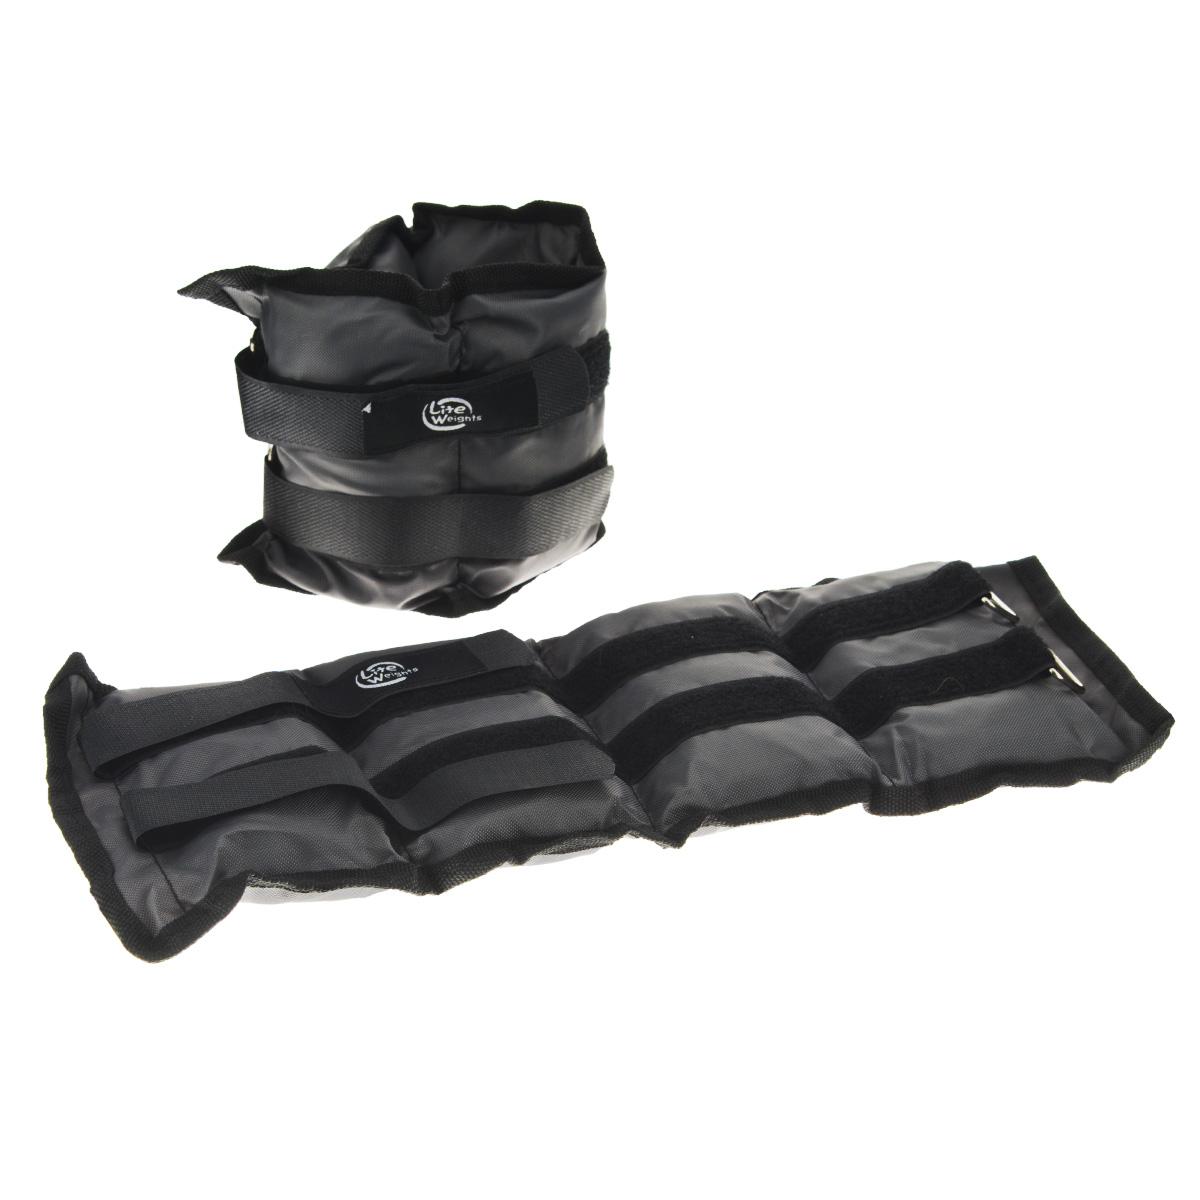 Утяжелители нейлоновые Lite Weights, 2 шт, 1,5 кг21-0471 PУтяжелители Lite Weights легко фиксируются при помощи крепежного ремешка на липучке. Они изготовлены из нейлона и наполнены металлической стружкой и песком. Идеальны в использовании при беге трусцой, занятиях аэробикой, оздоровительной гимнастикой и фитнесом.